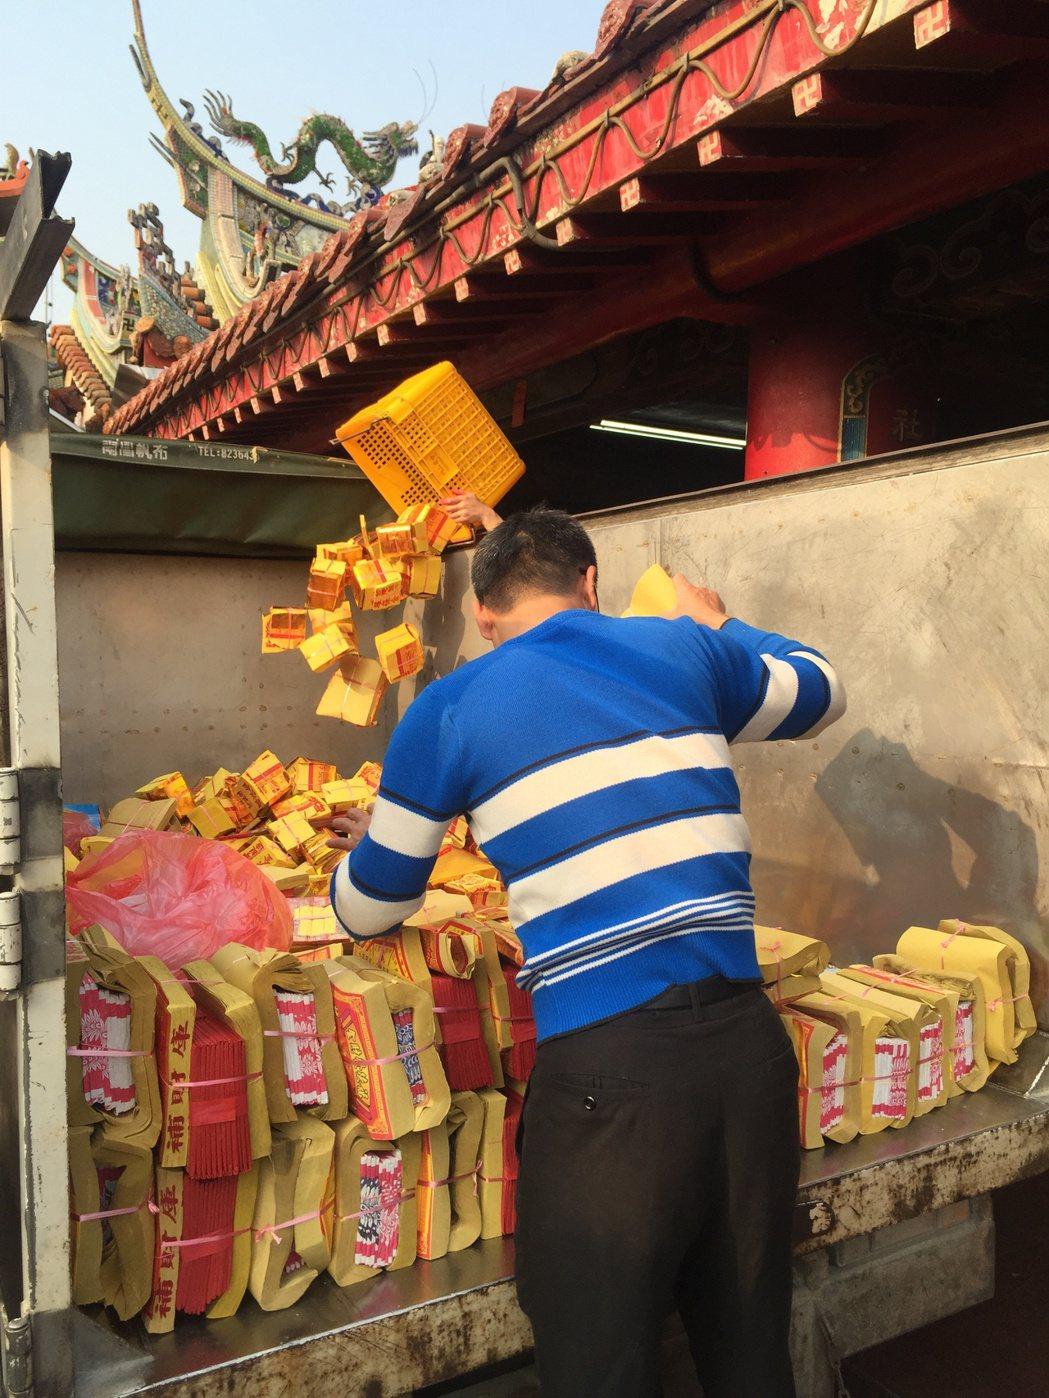 南投宮廟香火鼎盛,環保局春節期間也推動紙錢集中燒,減少空氣汙染。圖/報系資料照